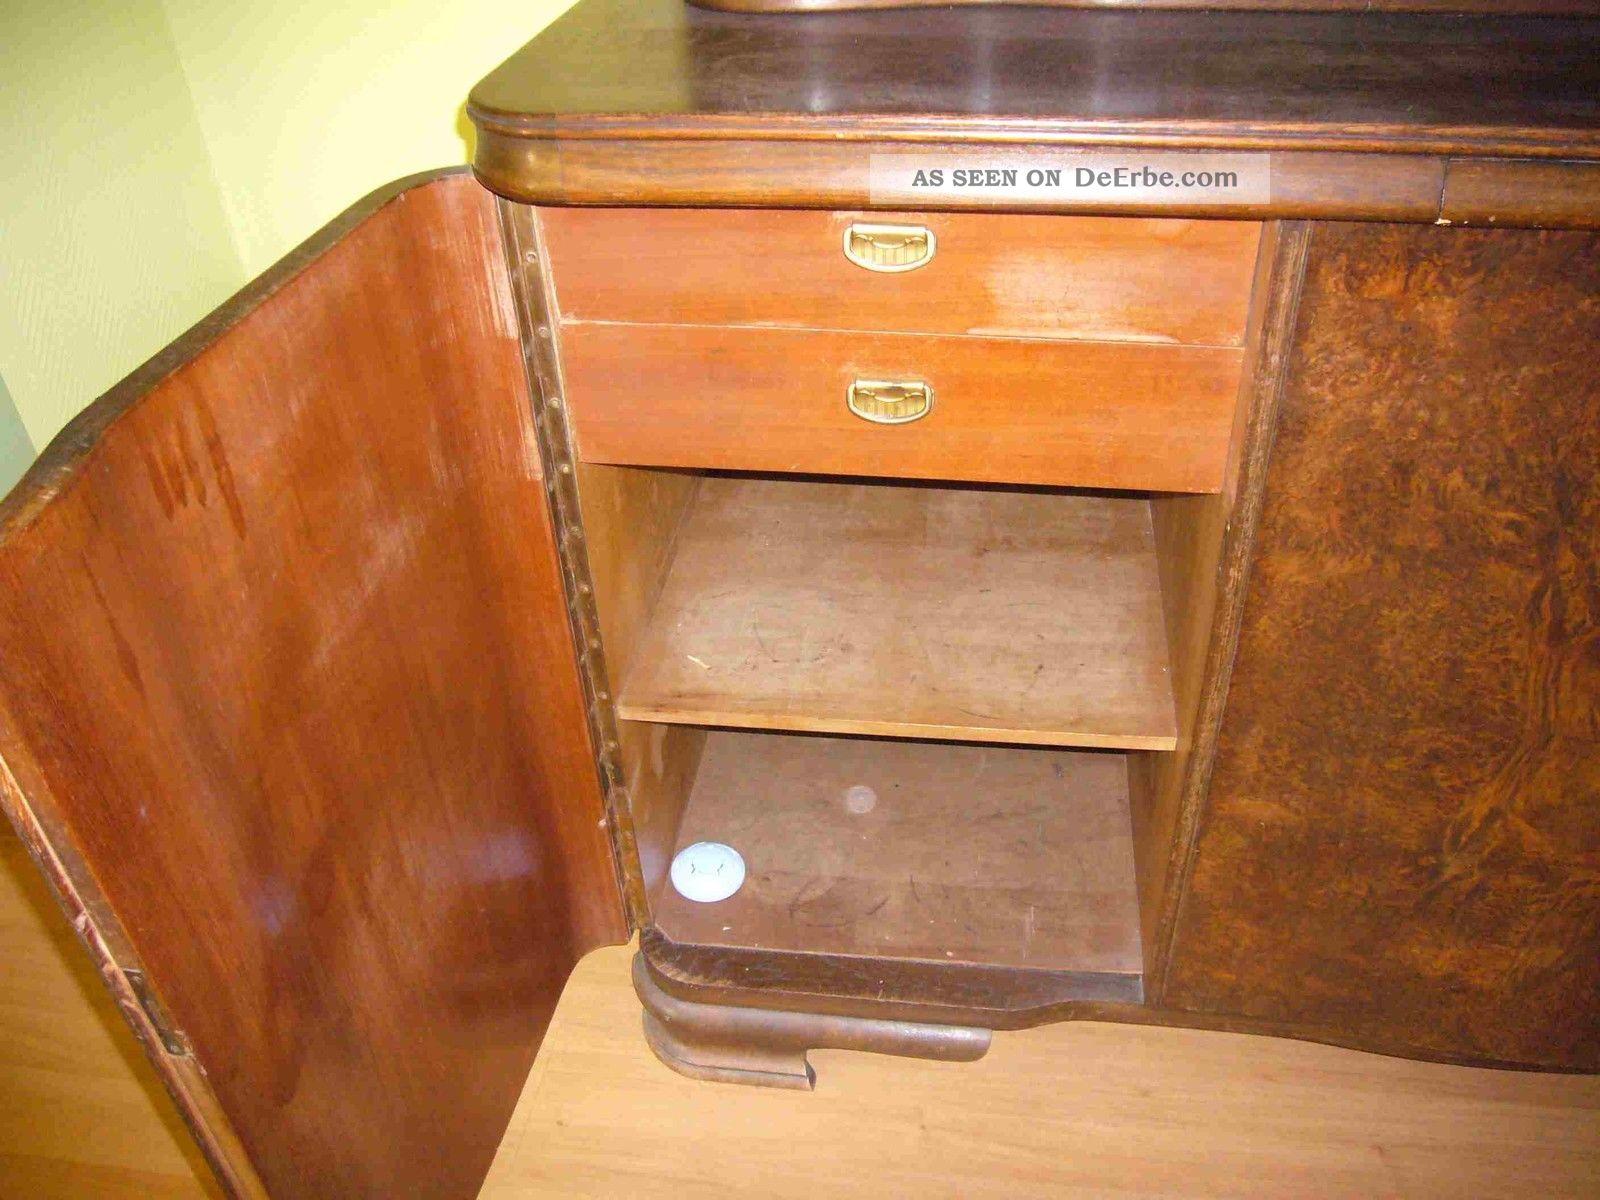 schrank antik alt von 1939 mit uhr. Black Bedroom Furniture Sets. Home Design Ideas